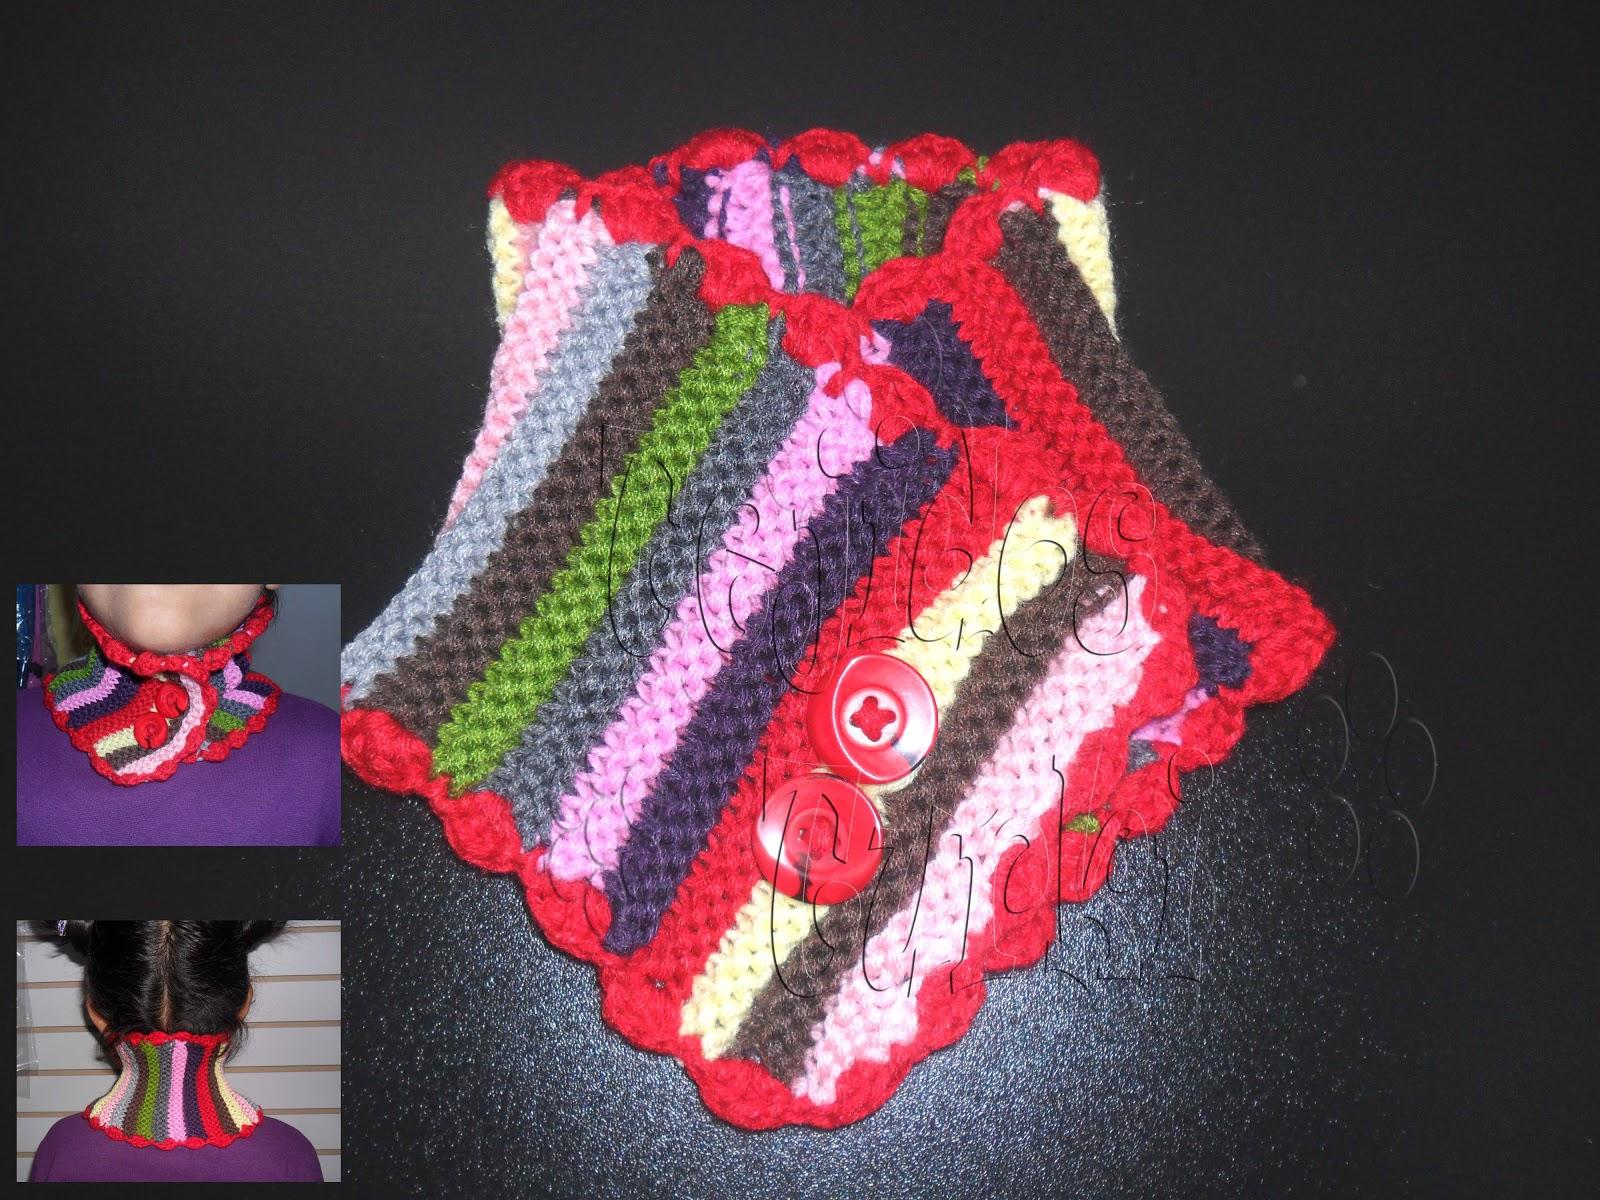 Esta bufanda collar, como las llamo, mide 46 cms. de largo x 14 cm ancho. Lleva bordes tejidos a crochet, en donde los extremos se han hecho bobitos con el